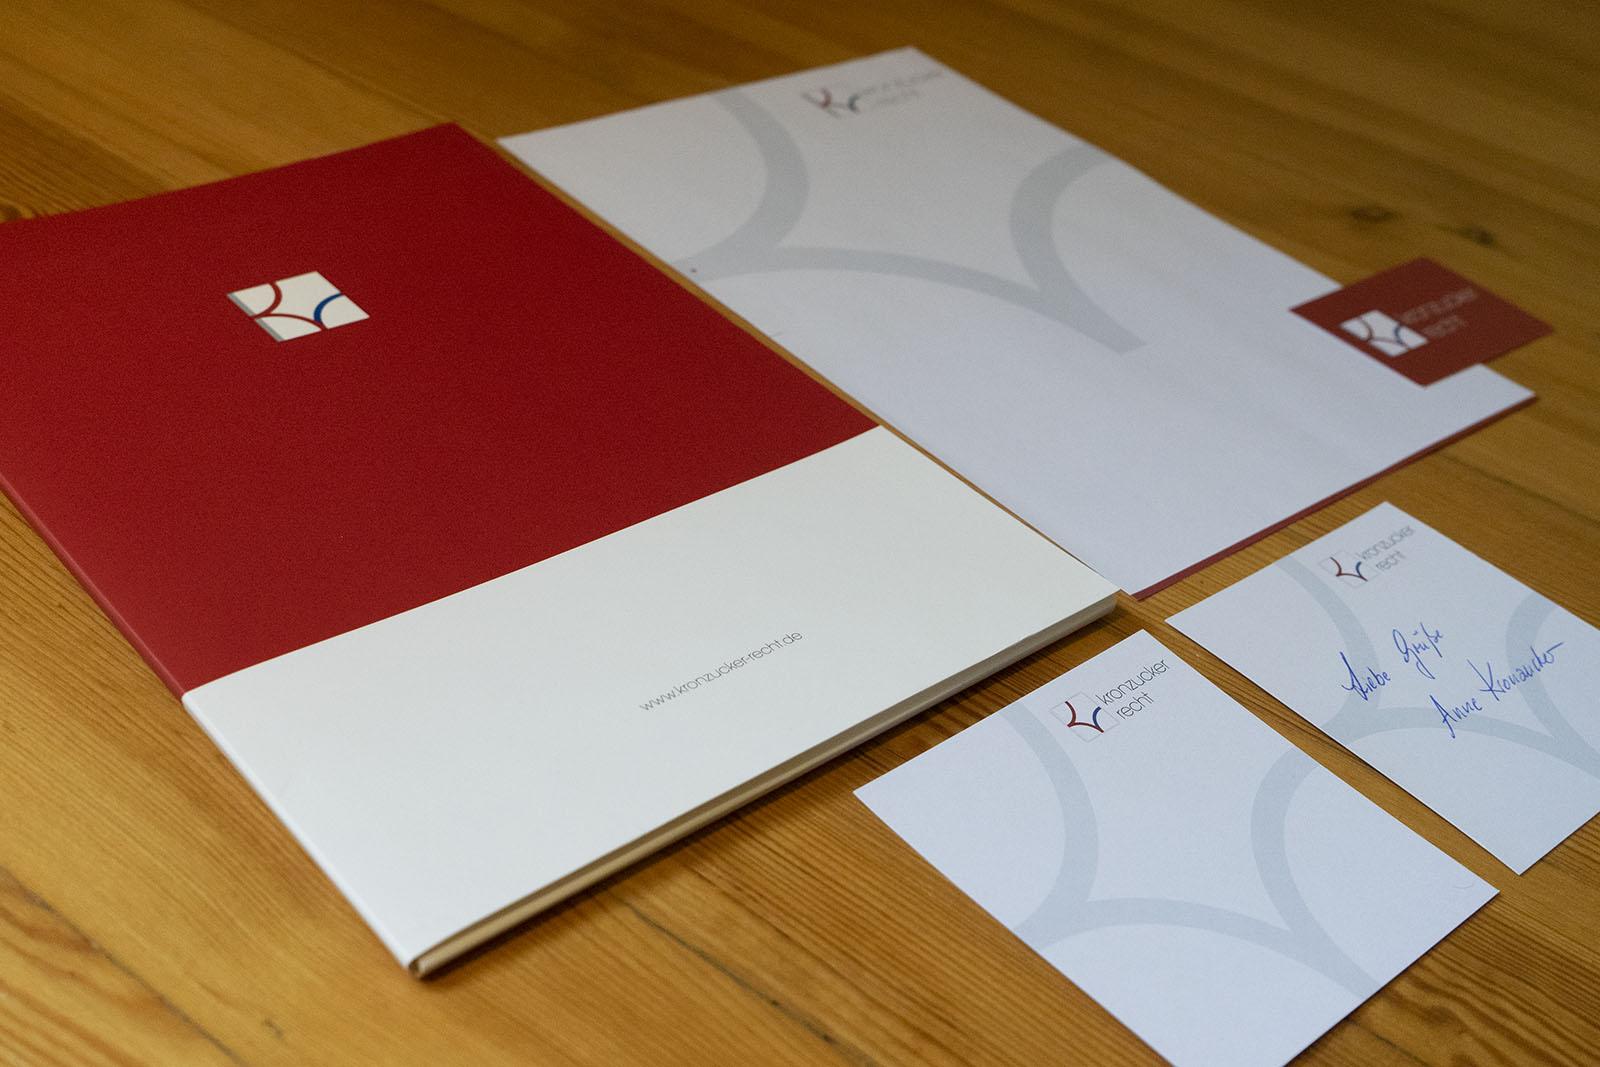 Drucksachen, Printmedien Dienstleistungen und Gewerbe